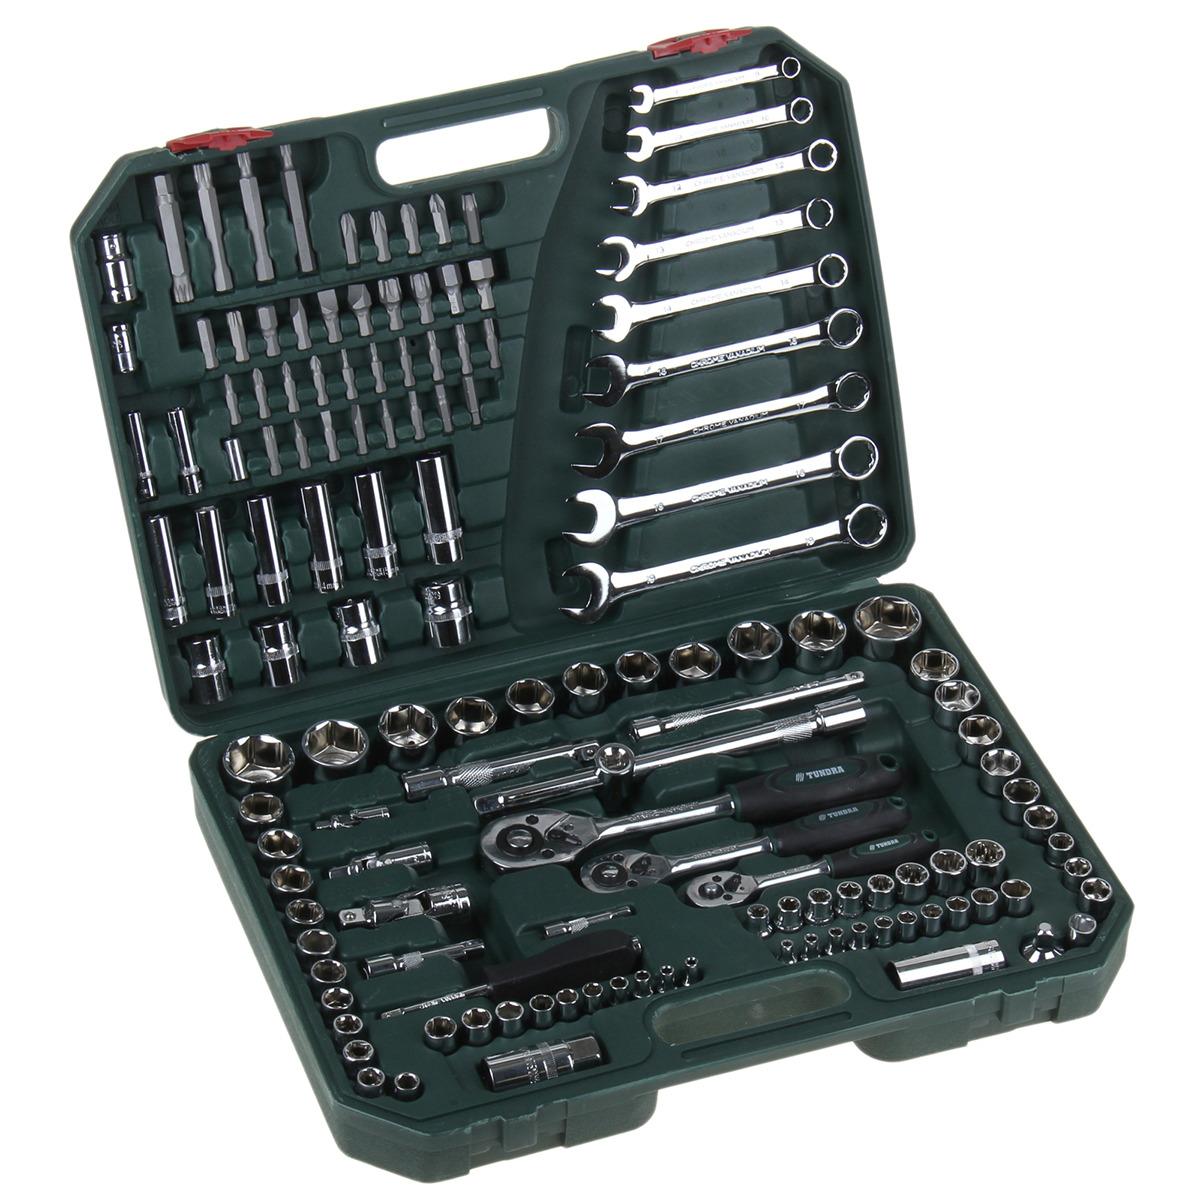 Набор инструментов Tundra Premium, универсальный, в кейсе, 881895, 136 предметов плитка облицовочная cersanit blackstone черный 250х350х7 мм 16 шт 1 4 кв м